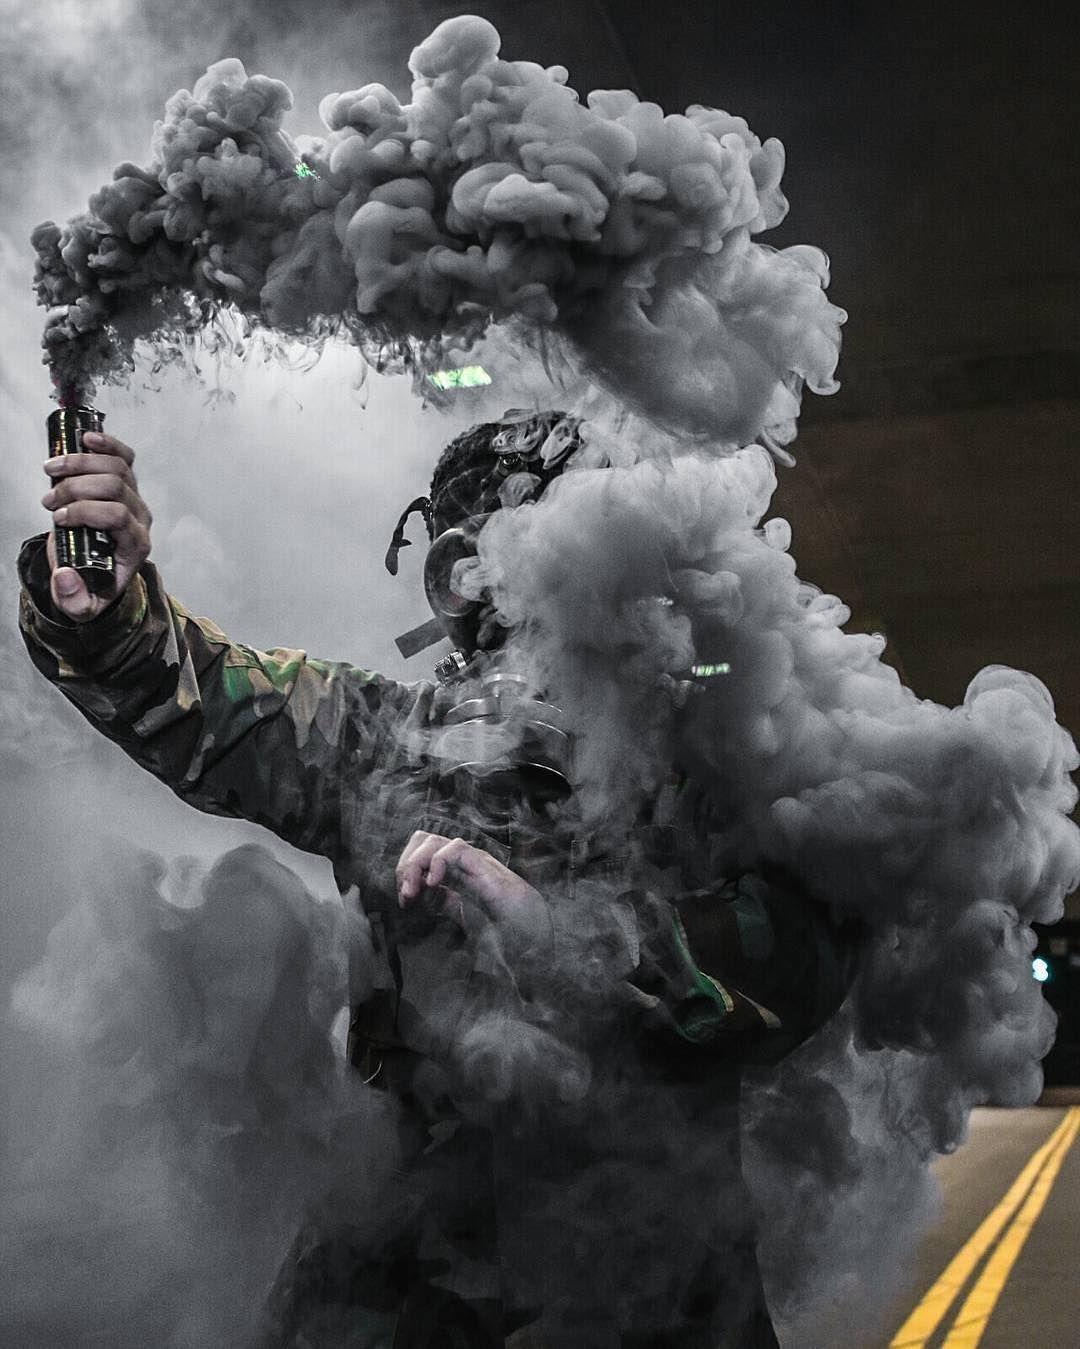 лучшие картинки с дымом этого снова возвращайтесь